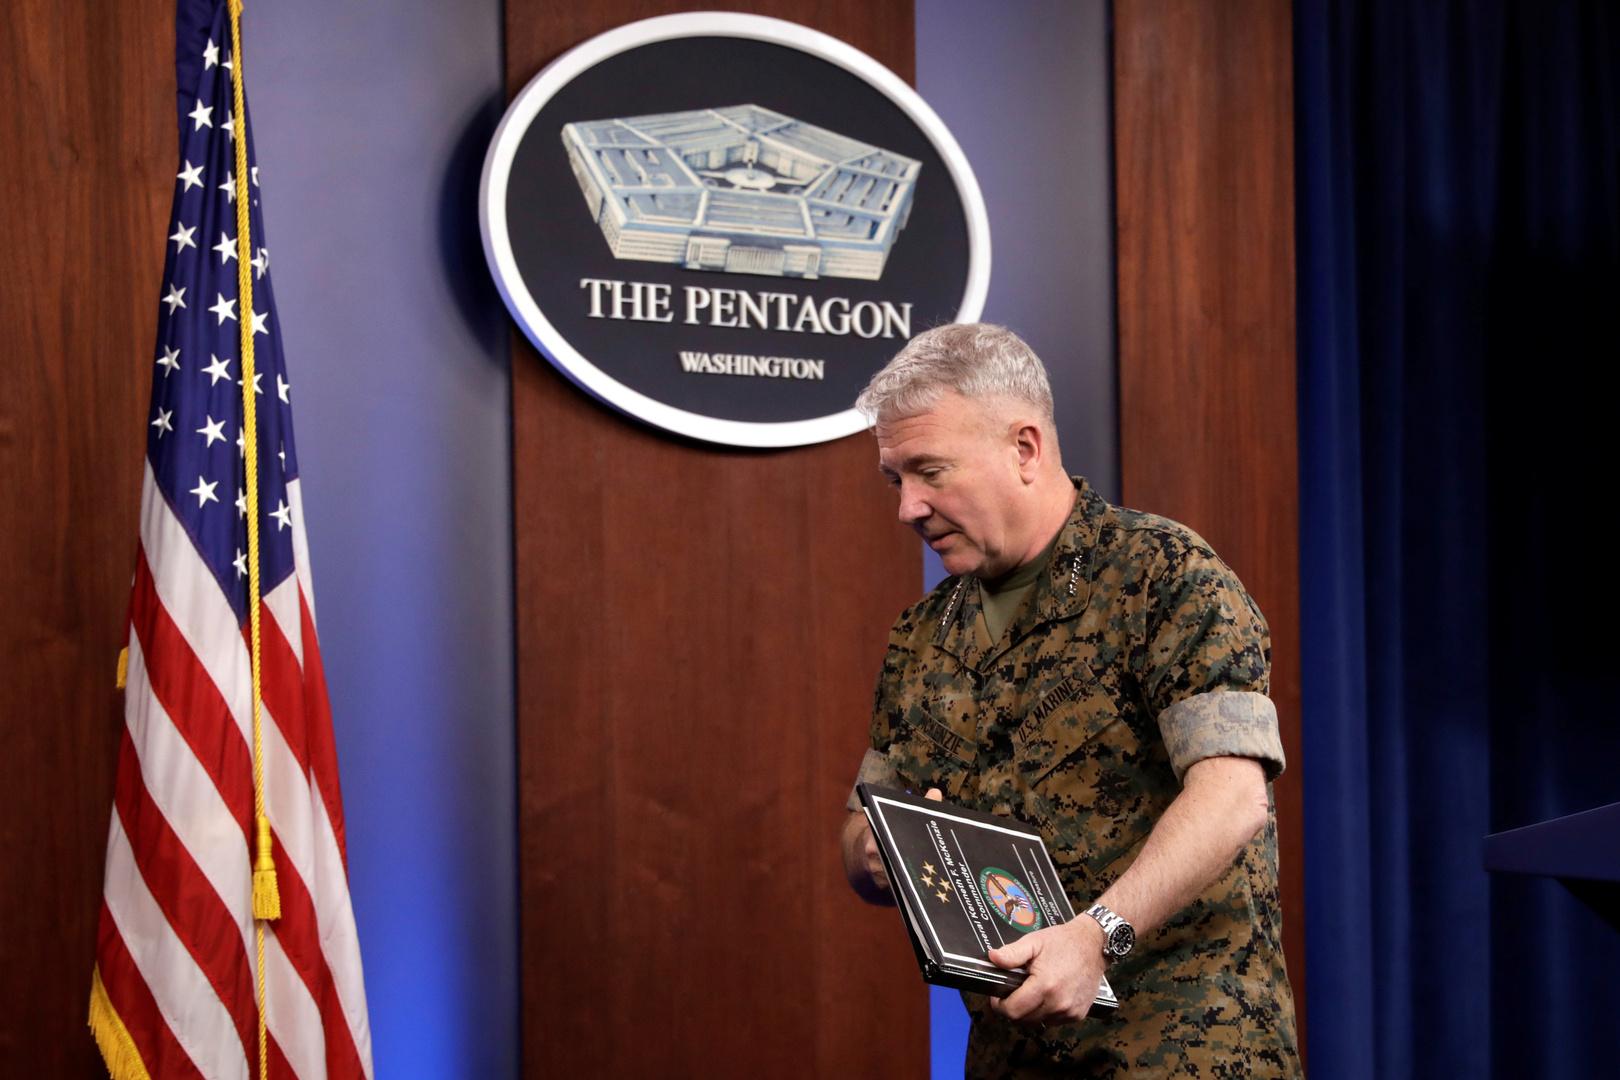 قائد القوات الأمريكية في الشرق الأوسط، كينيث ماكينزي